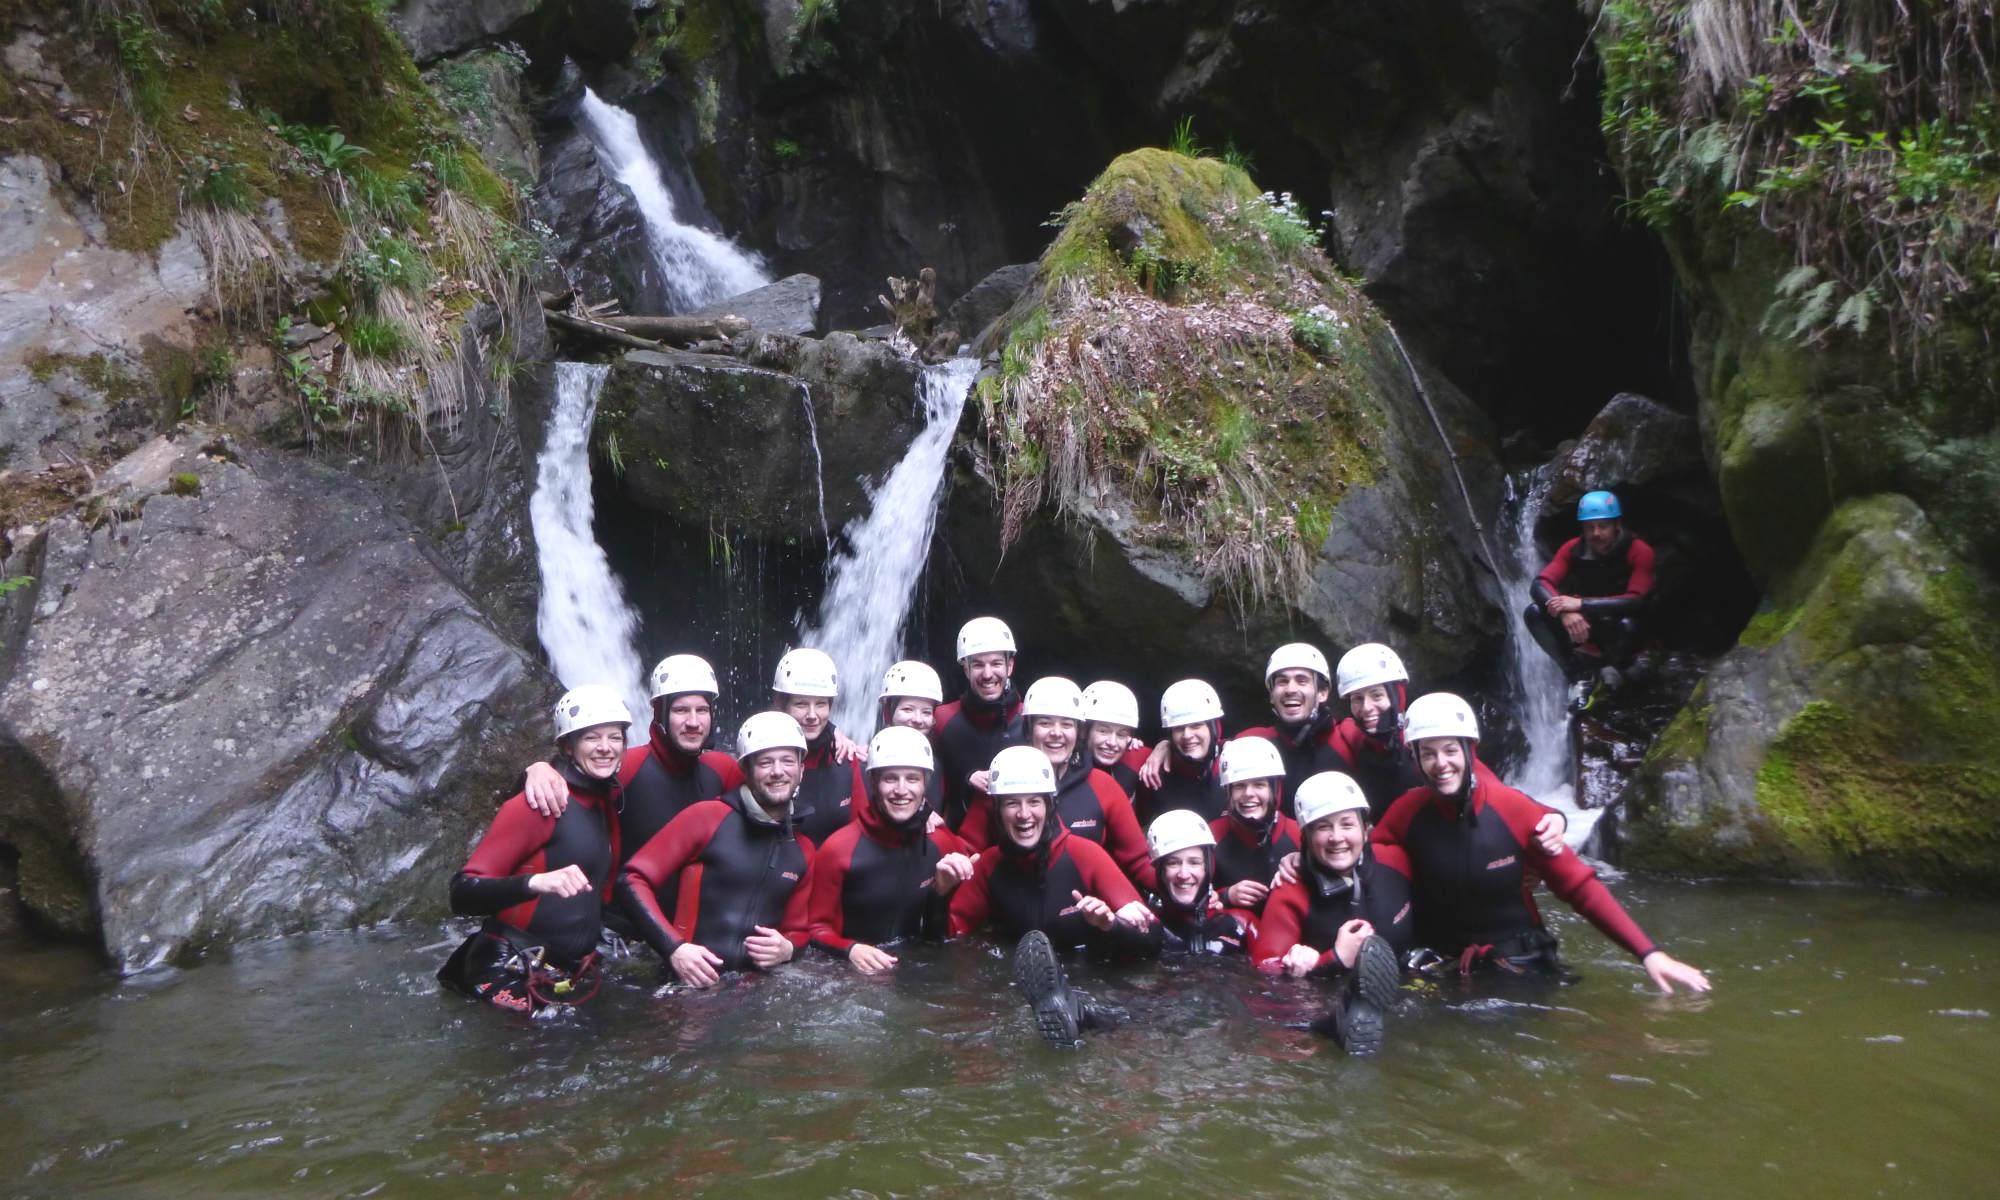 Un gruppo di principianti durante un'escursione di canyoning.